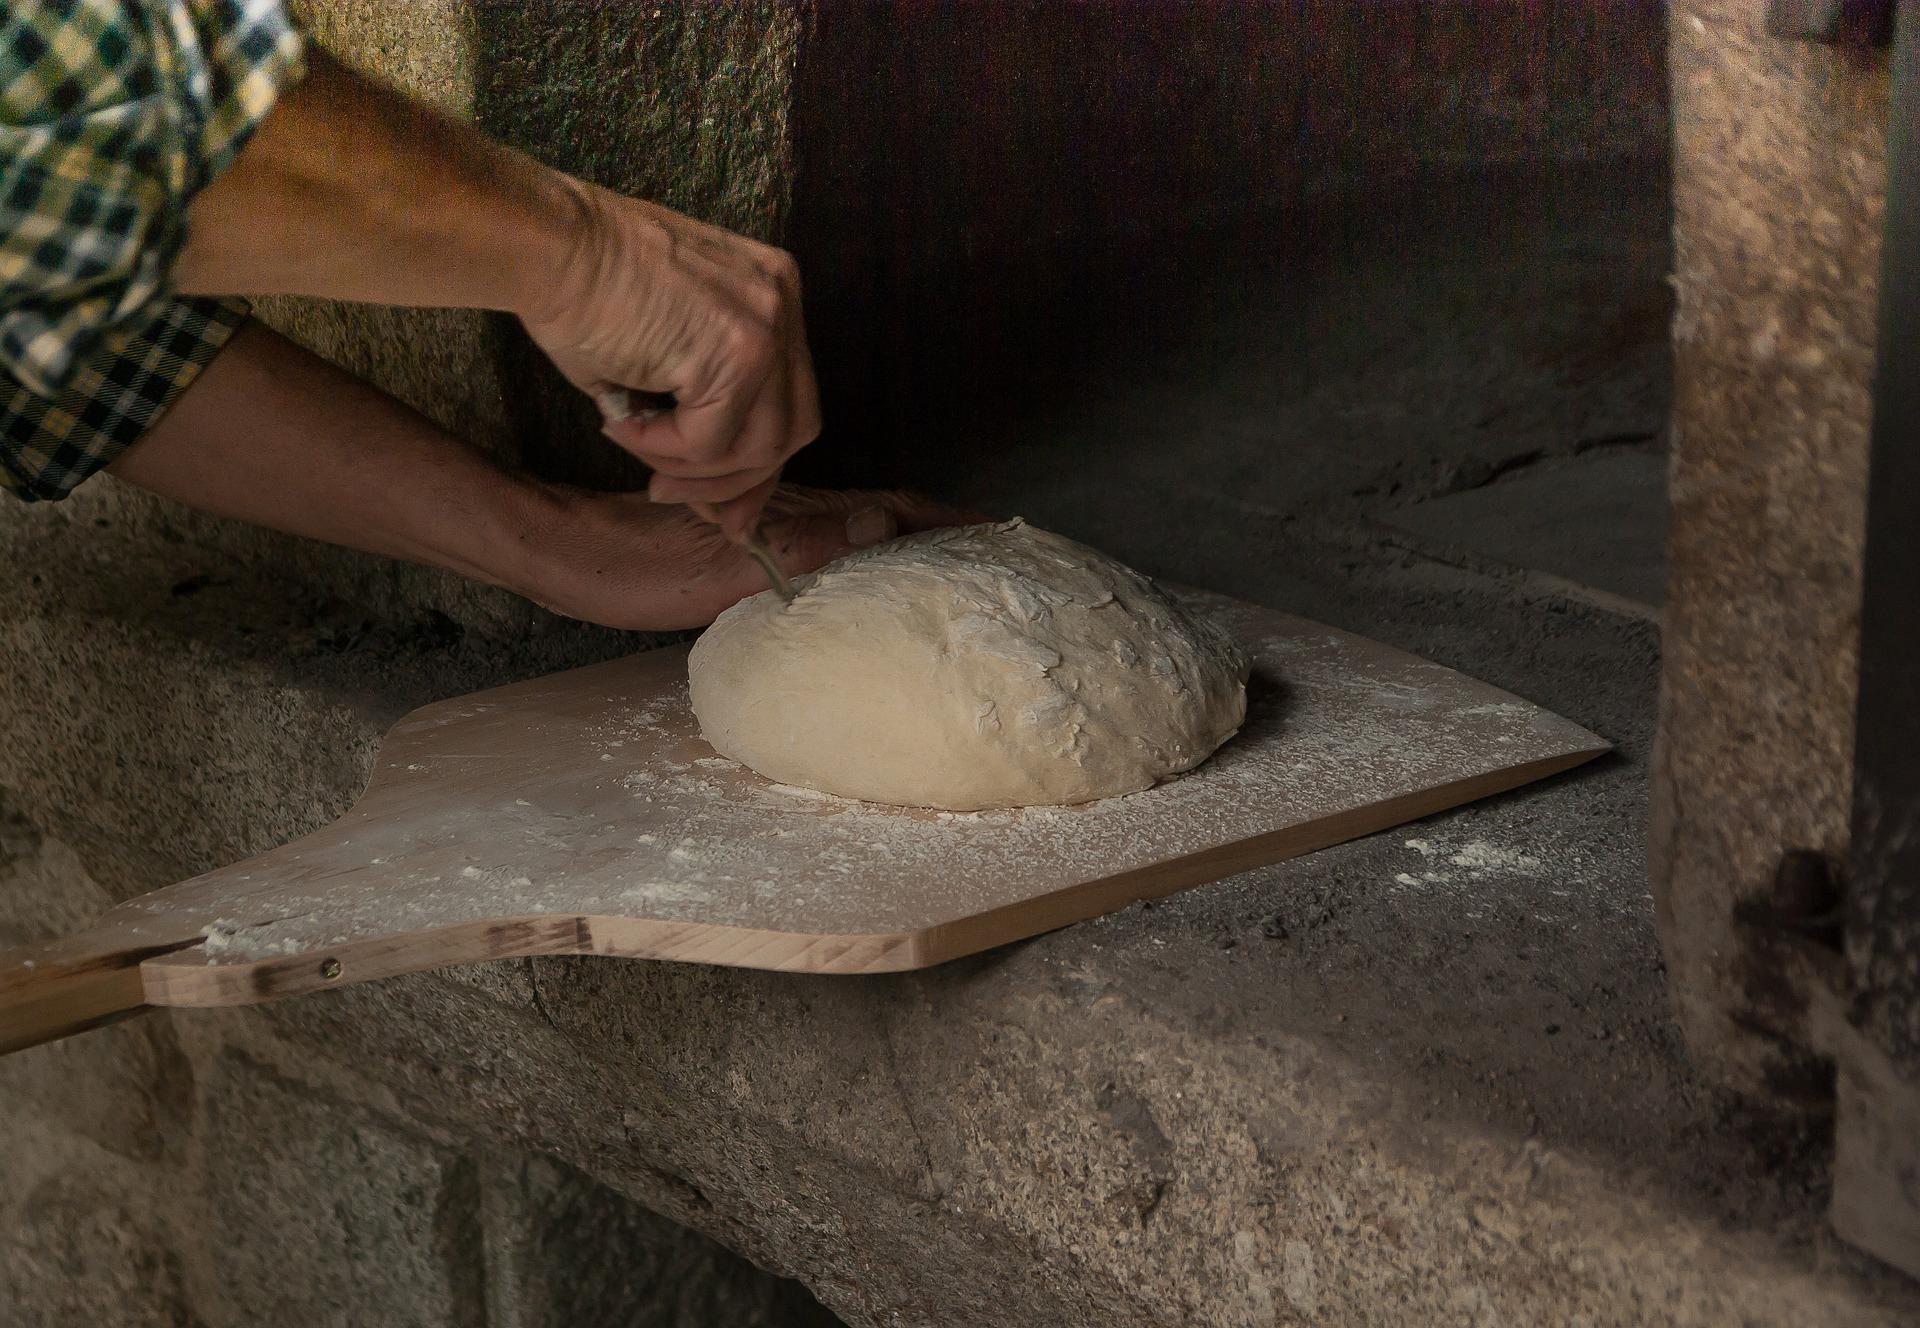 bread-2885965_1920